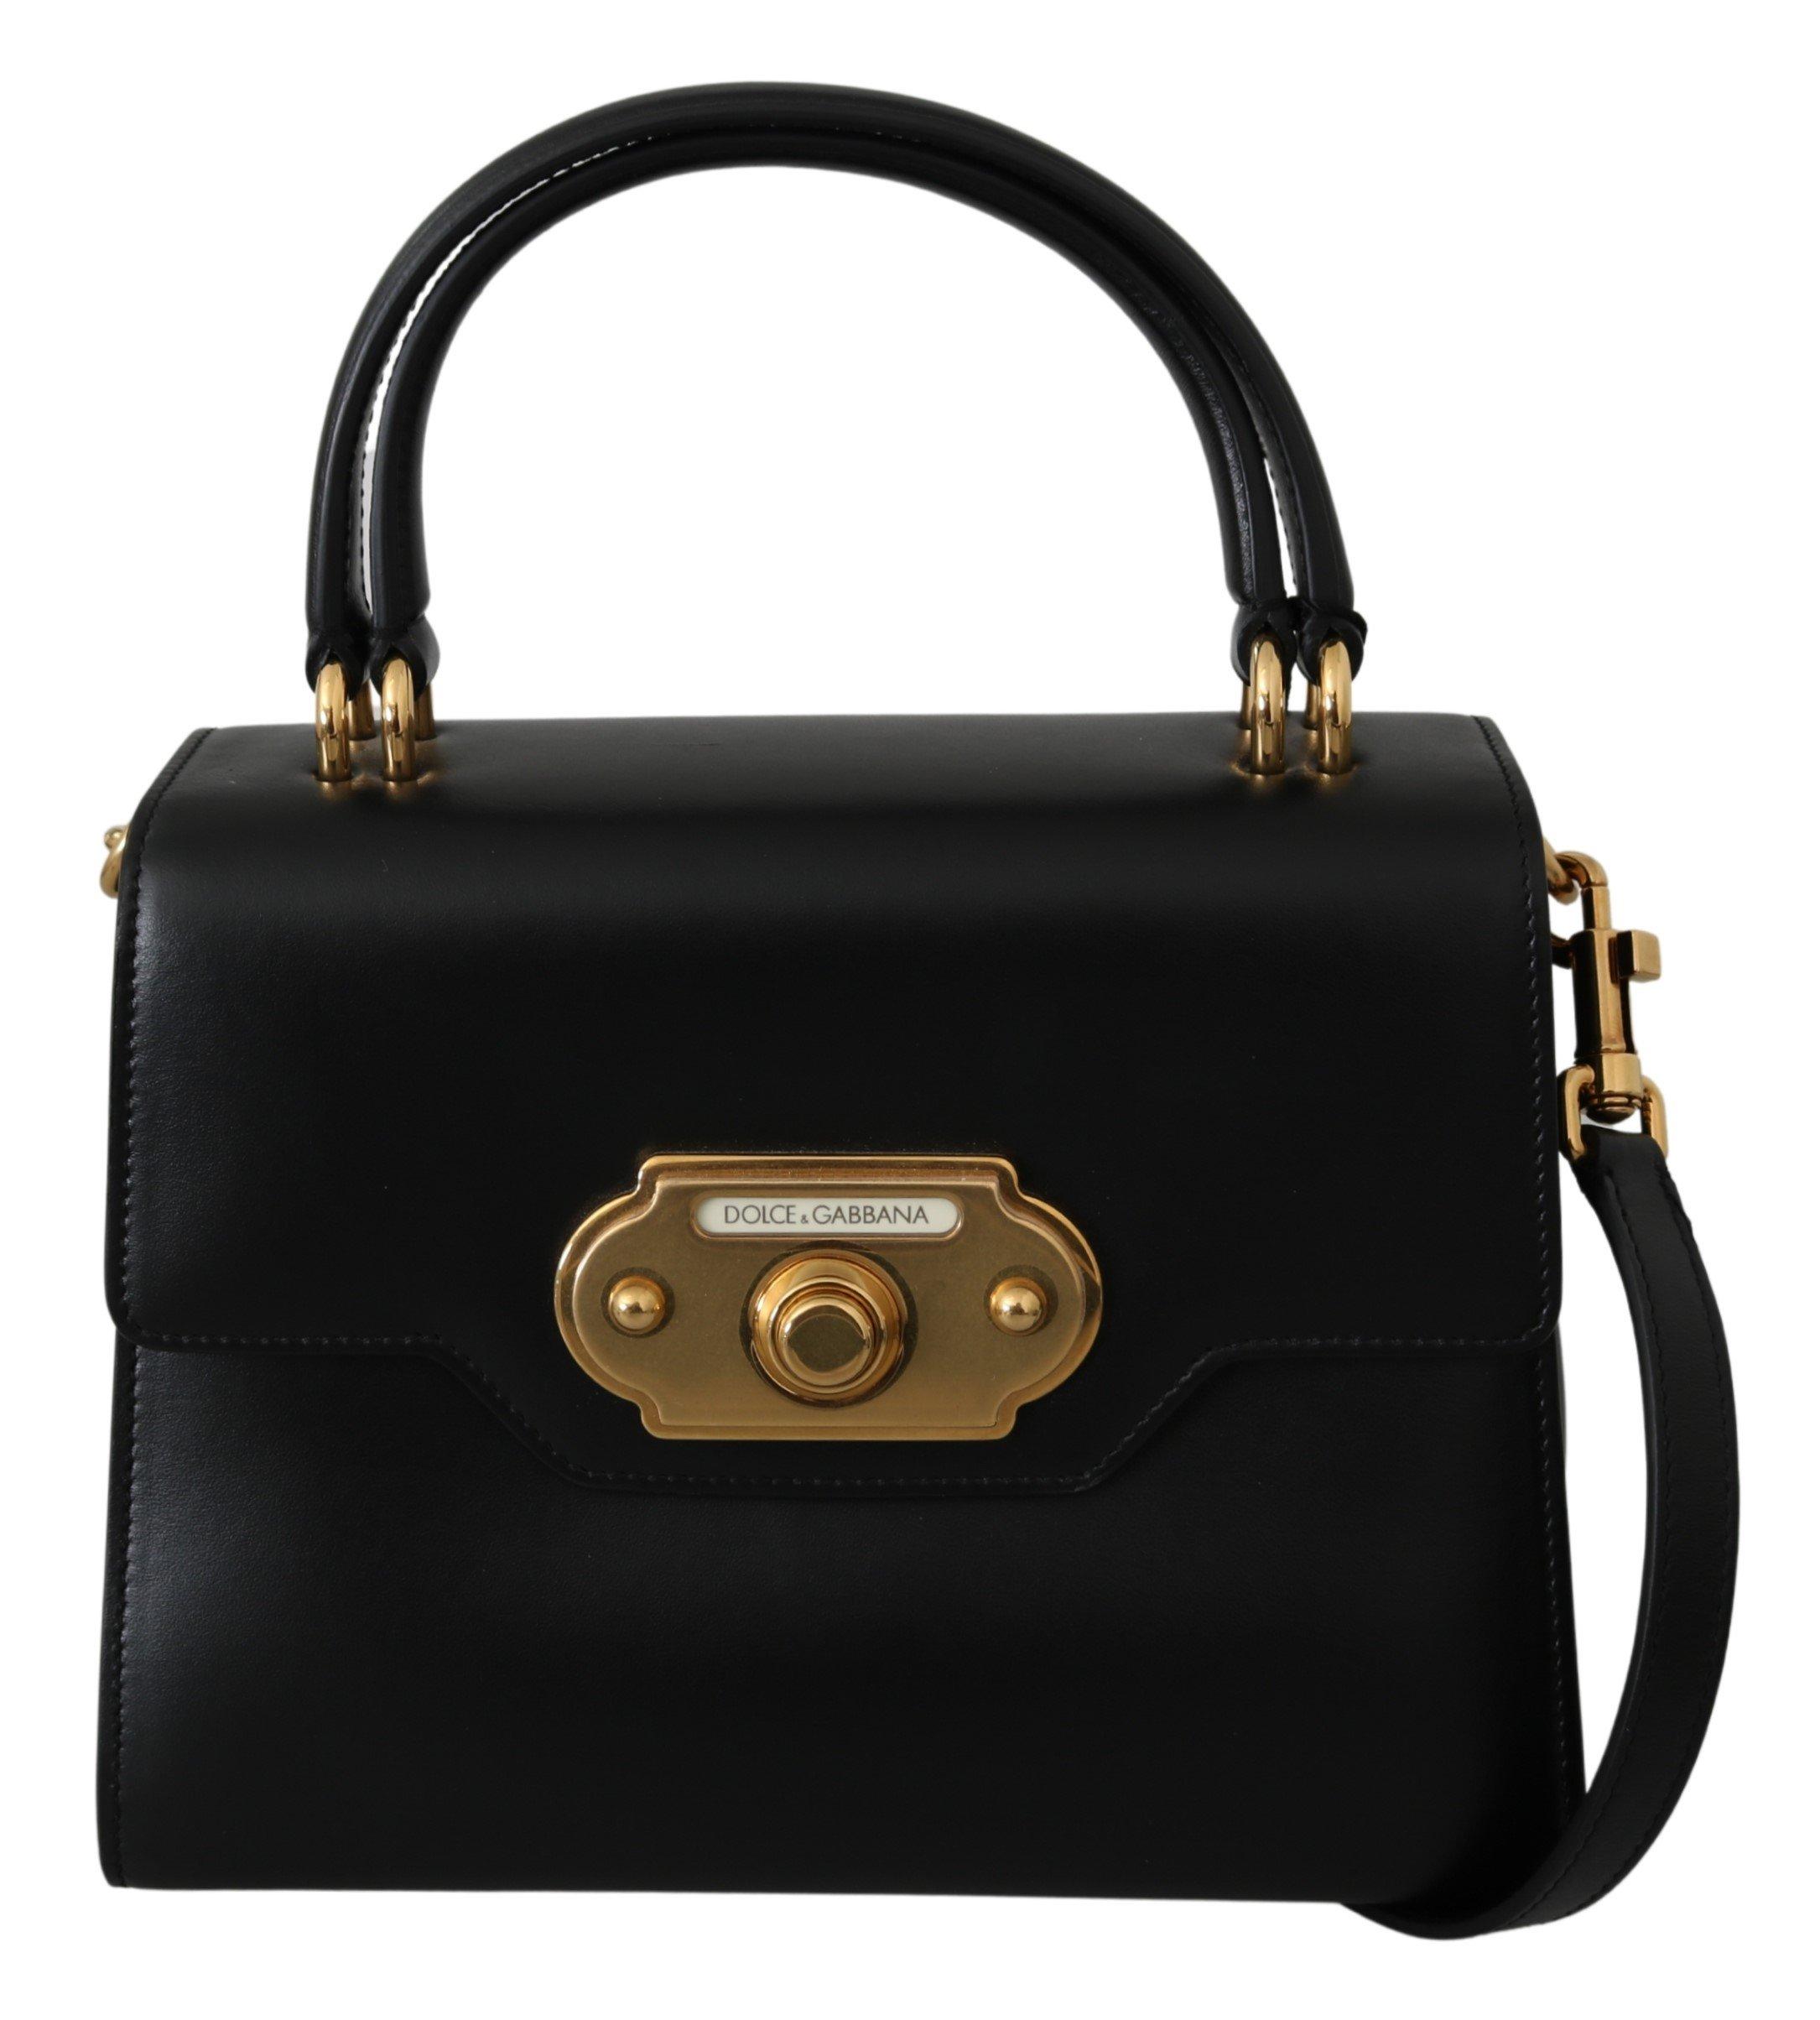 Dolce & Gabbana Women's Leather Shoulder Bag Black VAS9810